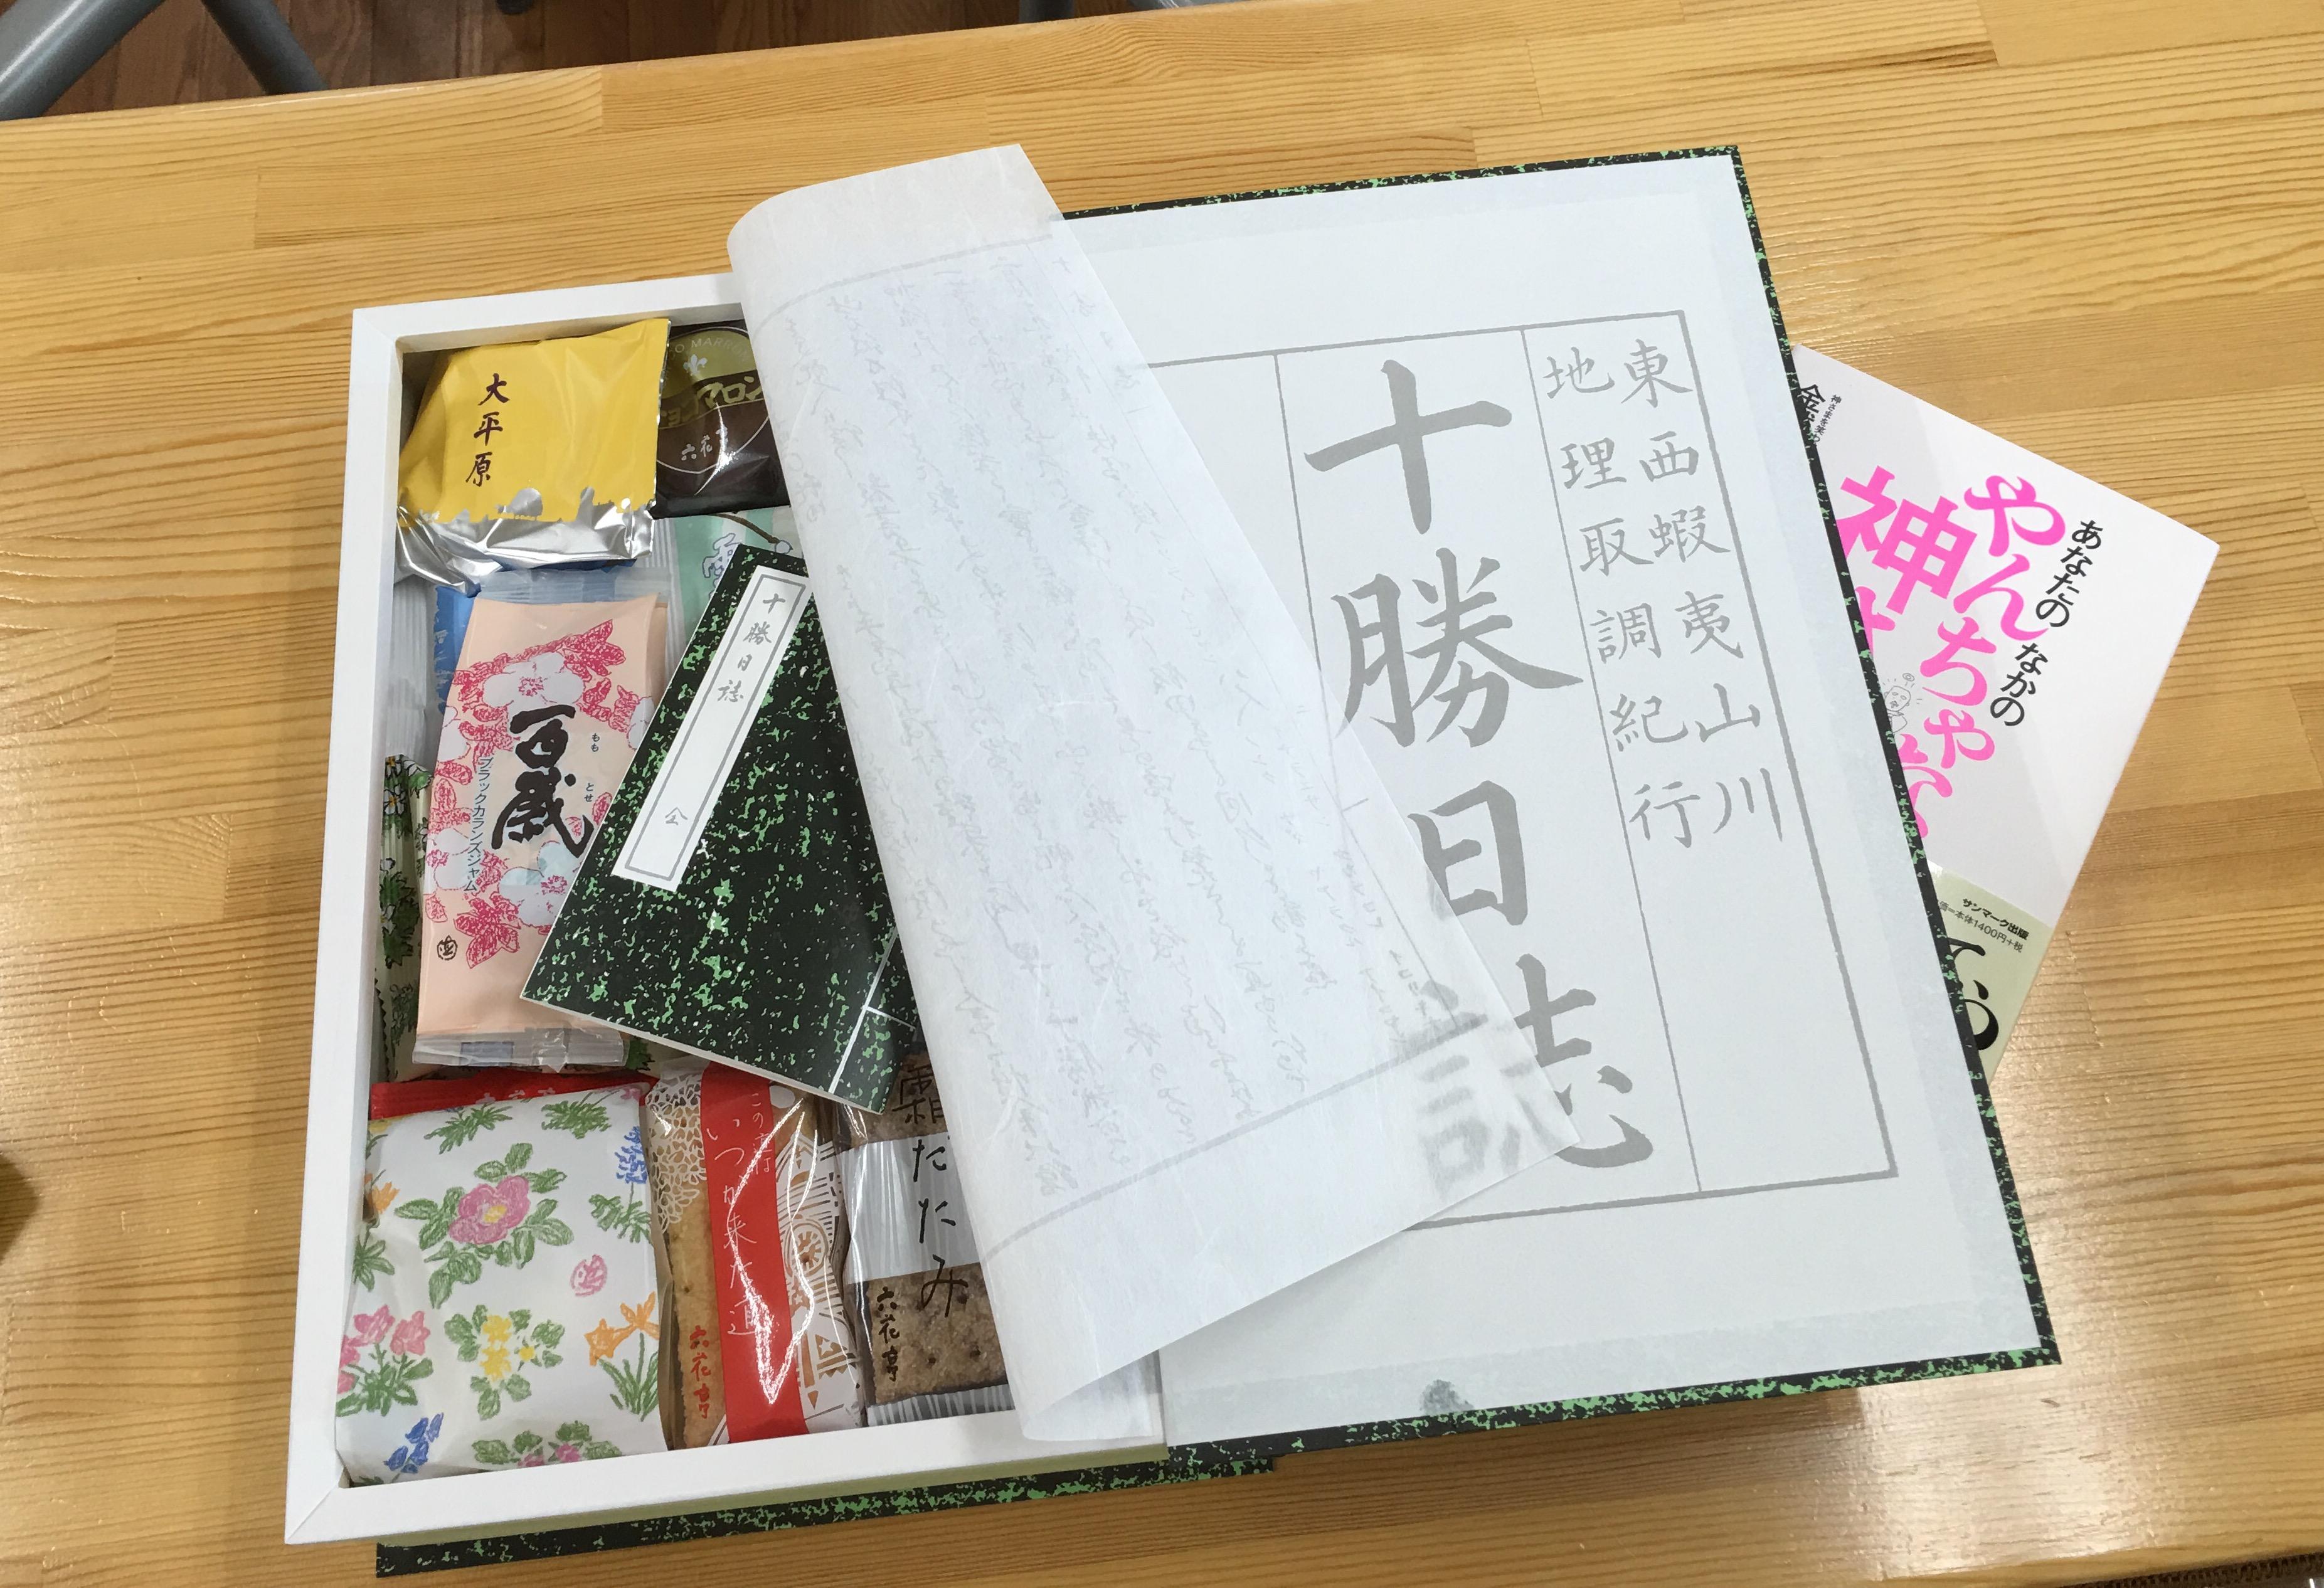 「あなたのなかのやんちゃな神さまとつきあう法」 を 読んでくださった方から お礼のメッセージと お菓子が届きました。 北海道からの想いのプレゼント この一つひとつの 想いに?応えていきますね。 感謝❤️